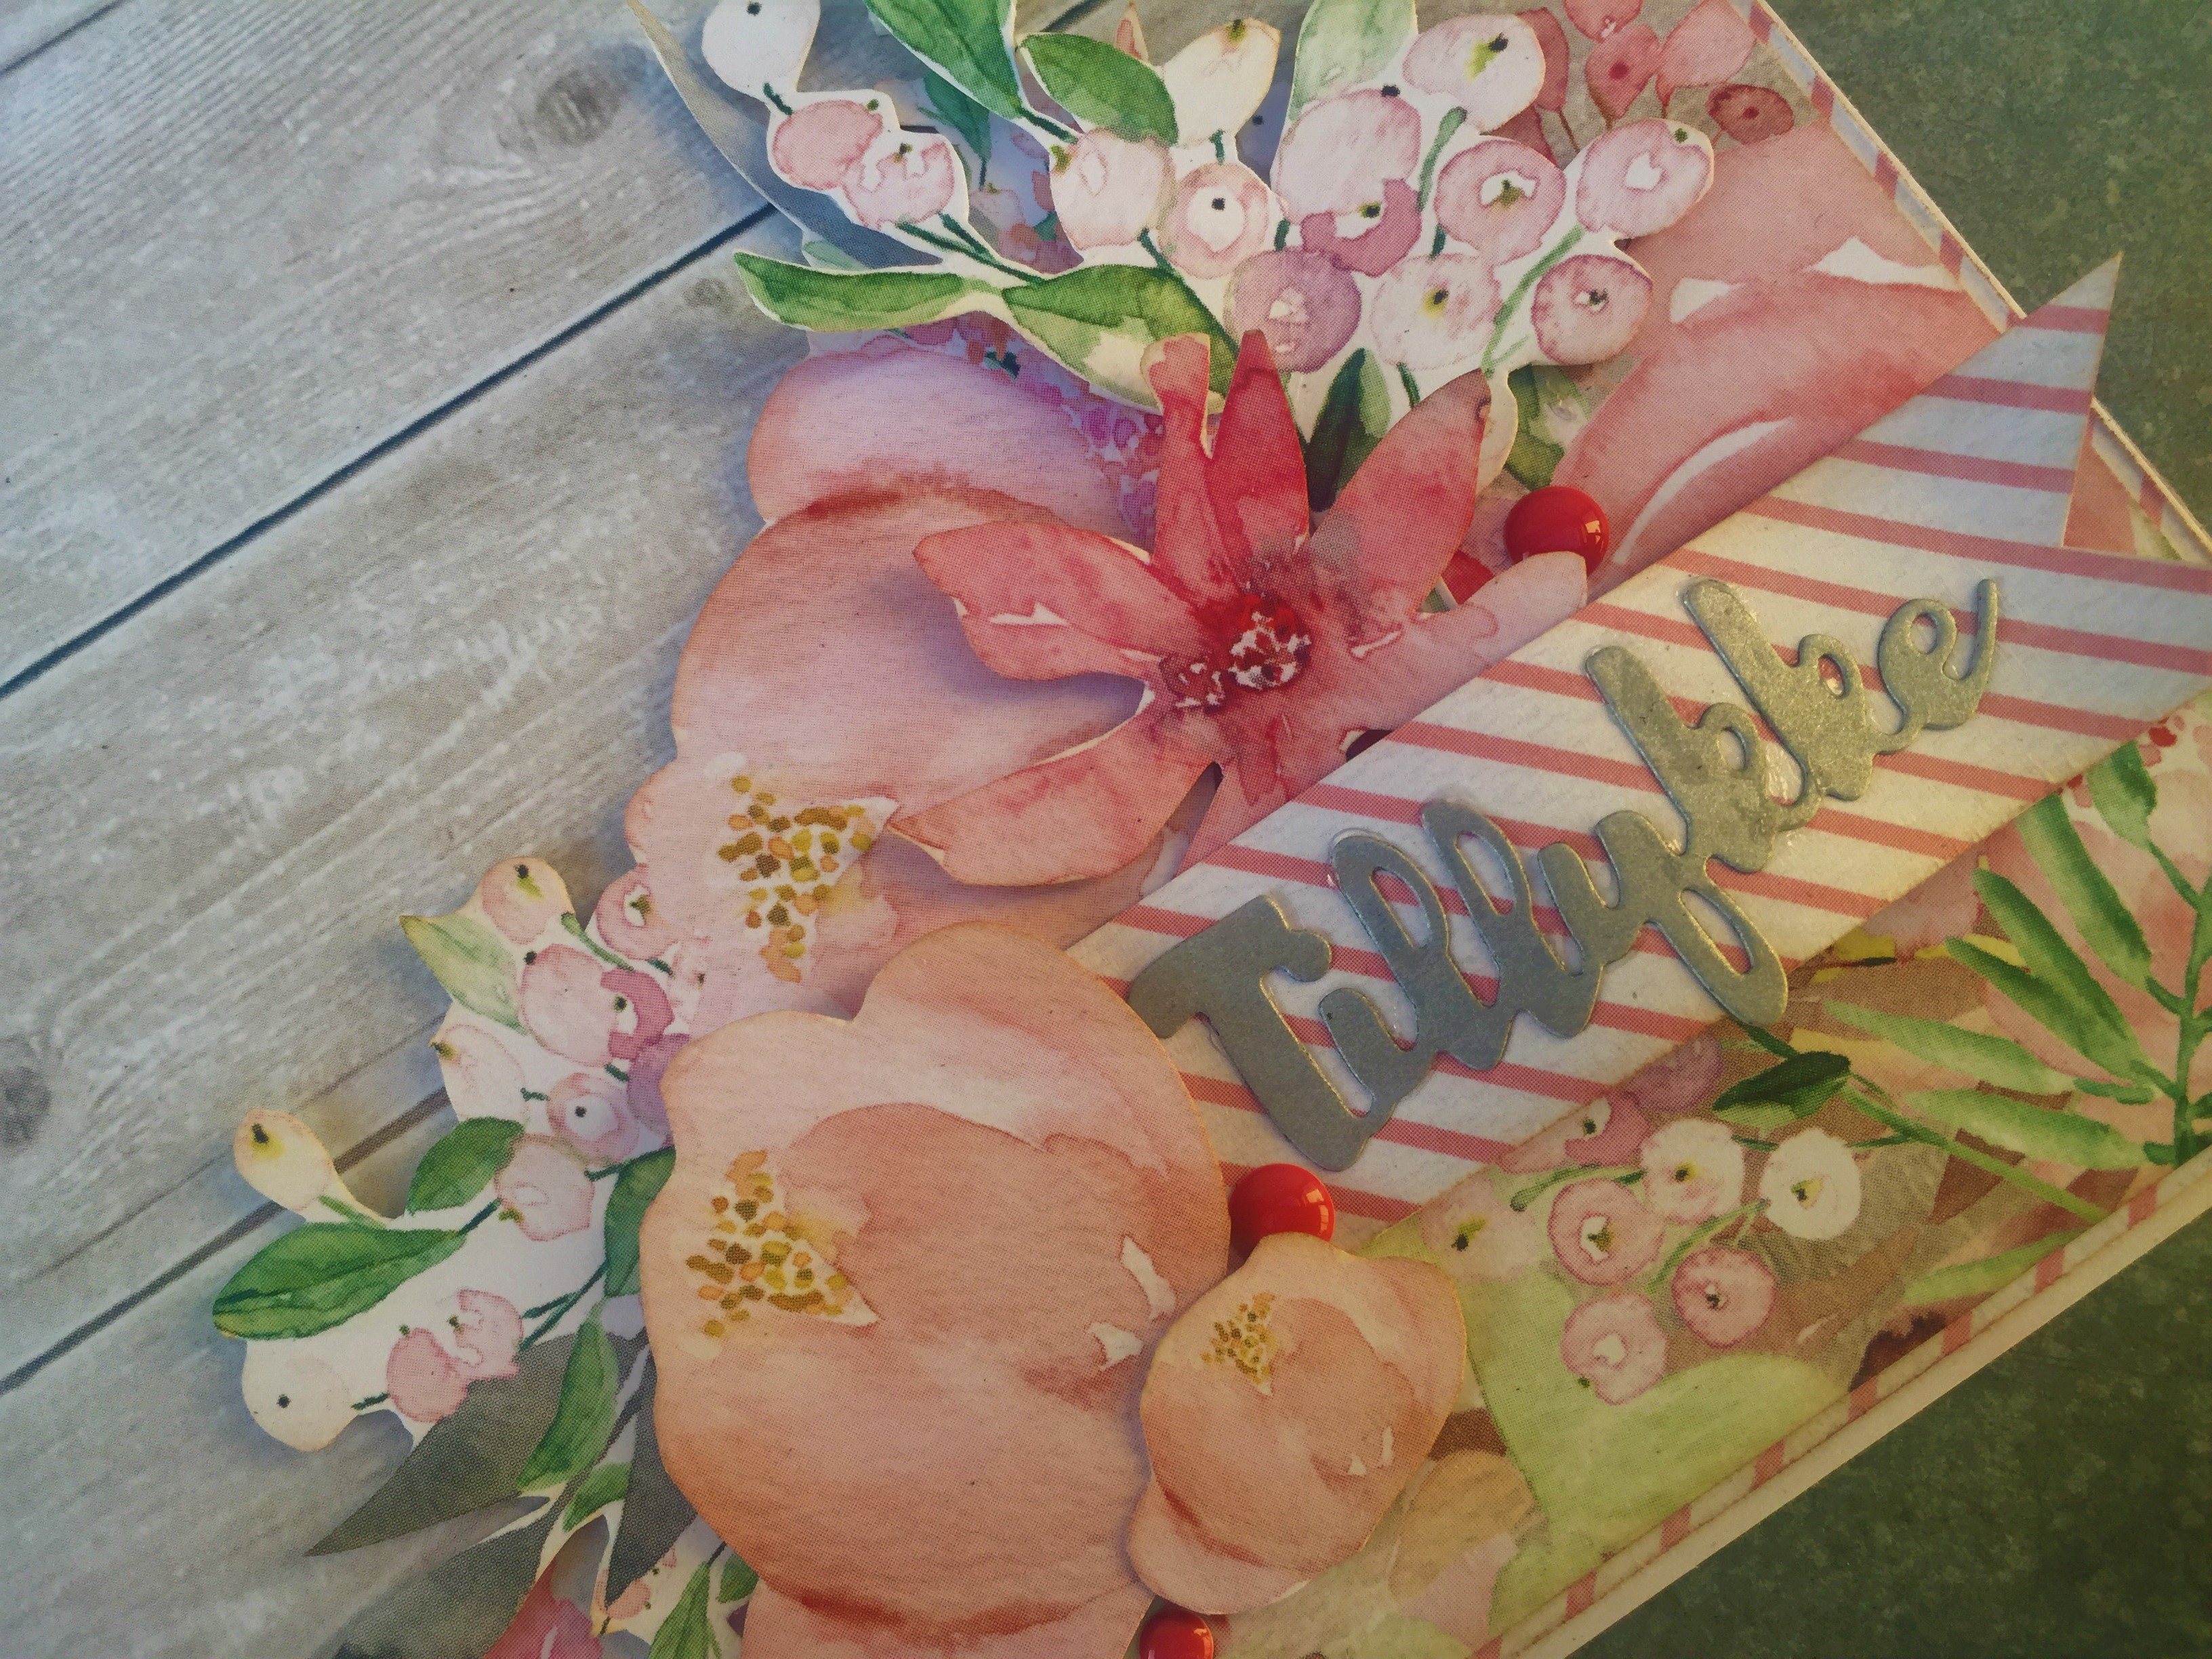 Lyst og sommerligt fødselsdagskort